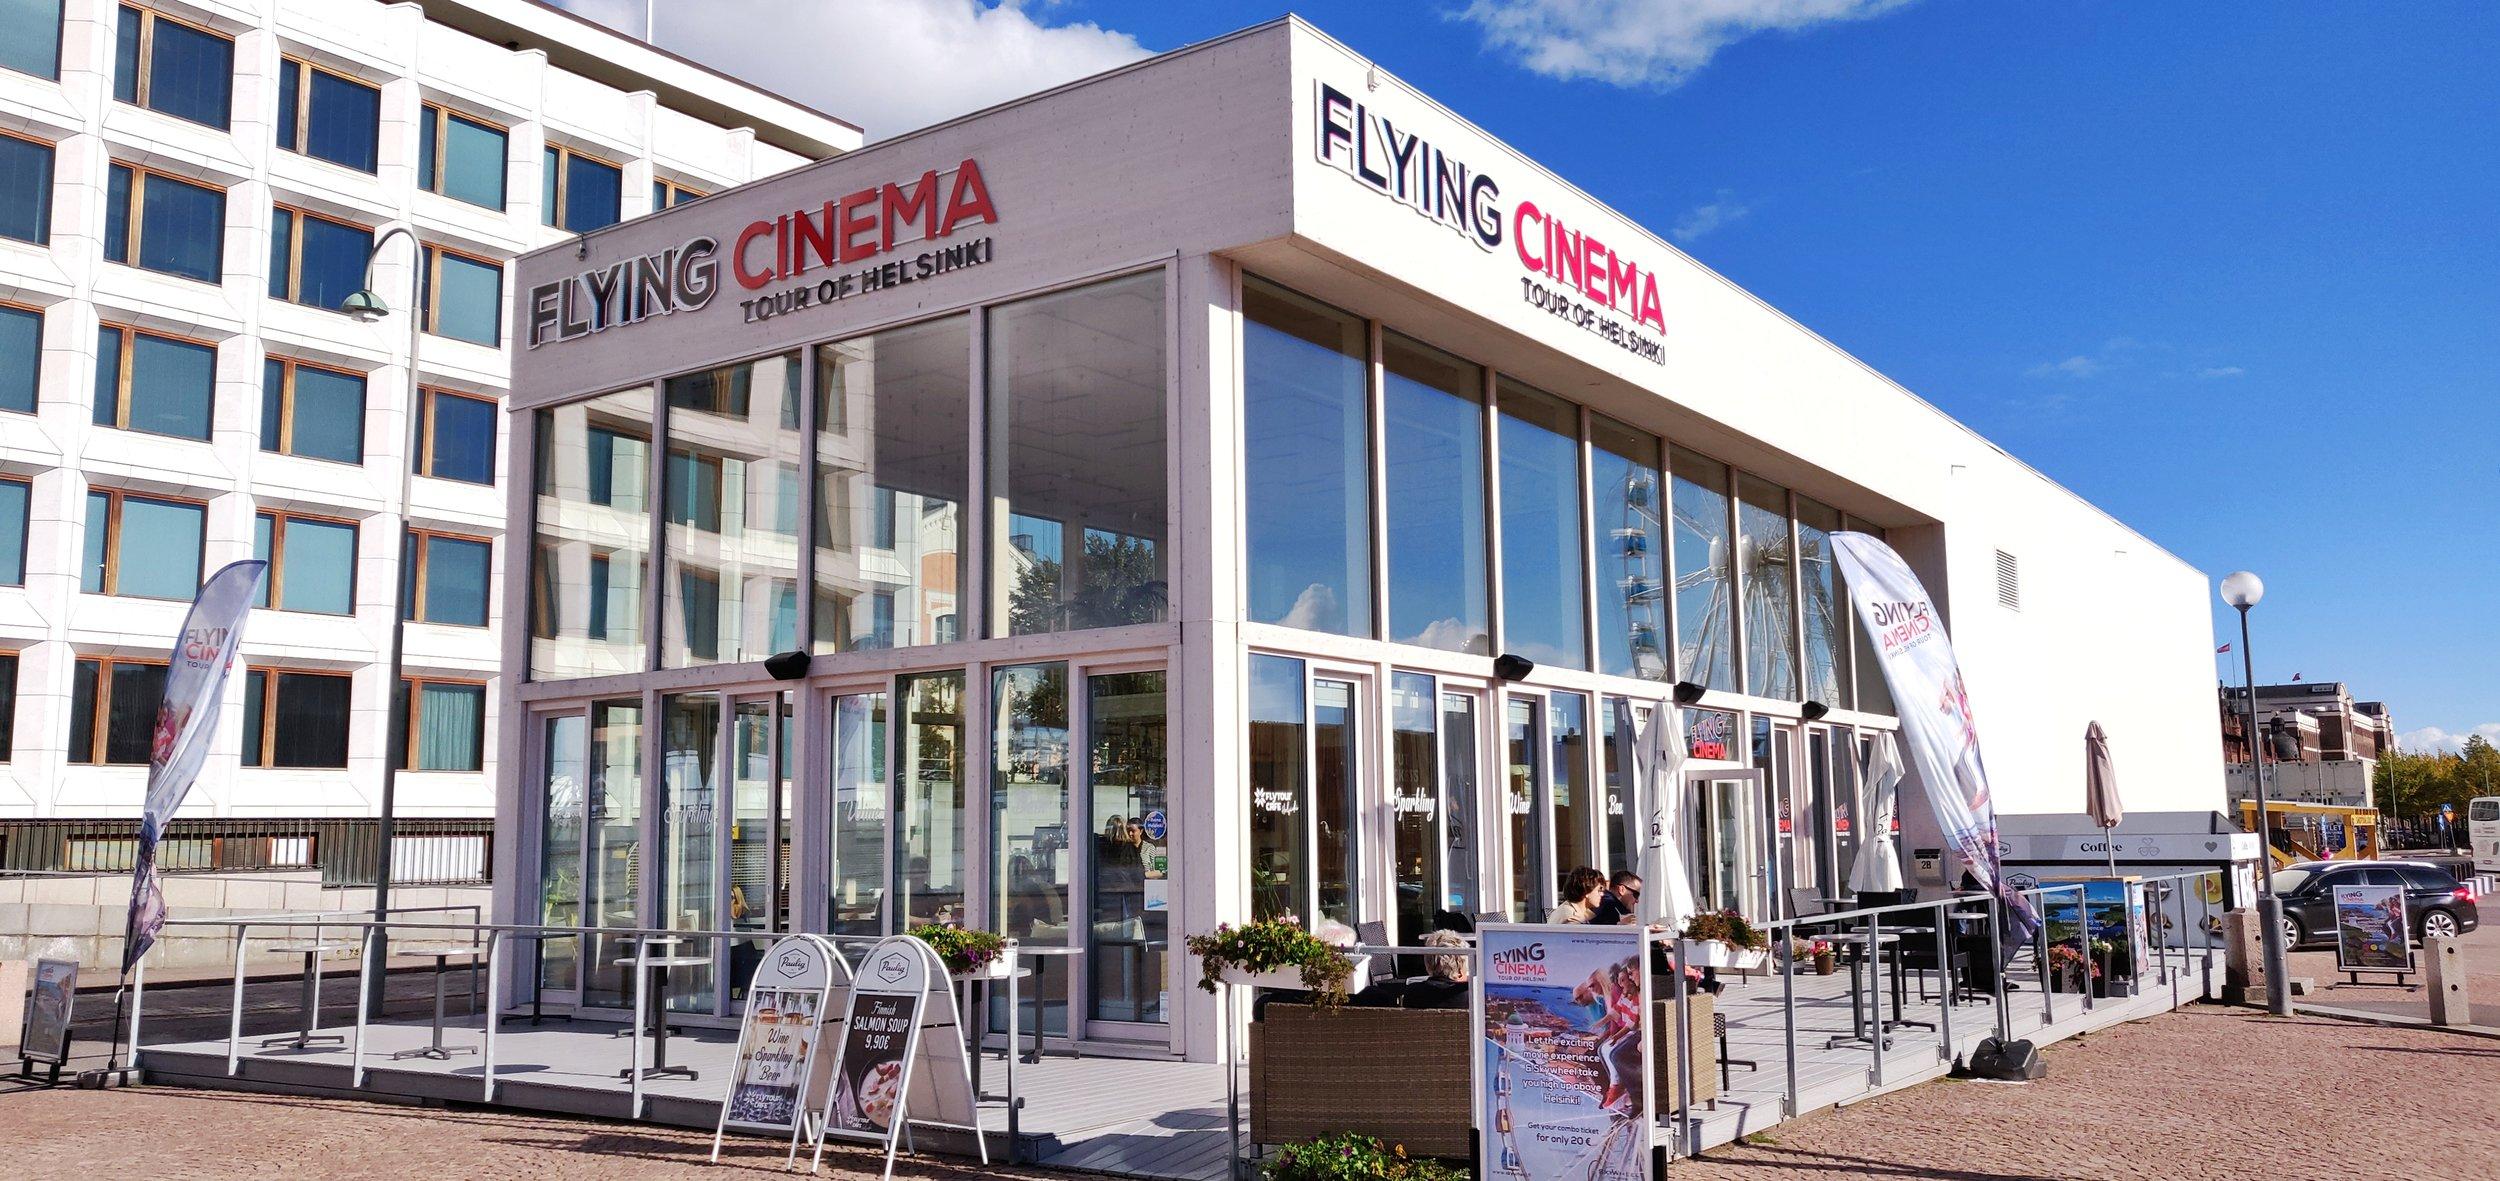 FLYING CINEMA TOUR & CAFE - Katajanokanlaituri 2BFlytour Cafe on viihtyisä, valoisa kahvila, jossa on aurinkoinen kesäterassi. Nauti kuohuviiniä merenrannalla auringossa tai cappuccino kakkupalan kanssa Kauppatorin elämää seuratessa. Flying Cinema on elämys-elokuvateatteri, jonka upeat virtuaalielokuvaelämykset vievät sinut läpi Helsingin ja Suomen kiinnostavimpien nähtävyyksien ja maamerkkien – ilman huolta säästä tai pitkistä matkoista. Löydät meidät Katajanokanlaiturilta, aivan Skywheel Helsinki- maailmanpyörän sekä Allas Sea Pool -merikylpylän vierestä.www.flyingcinematour.com